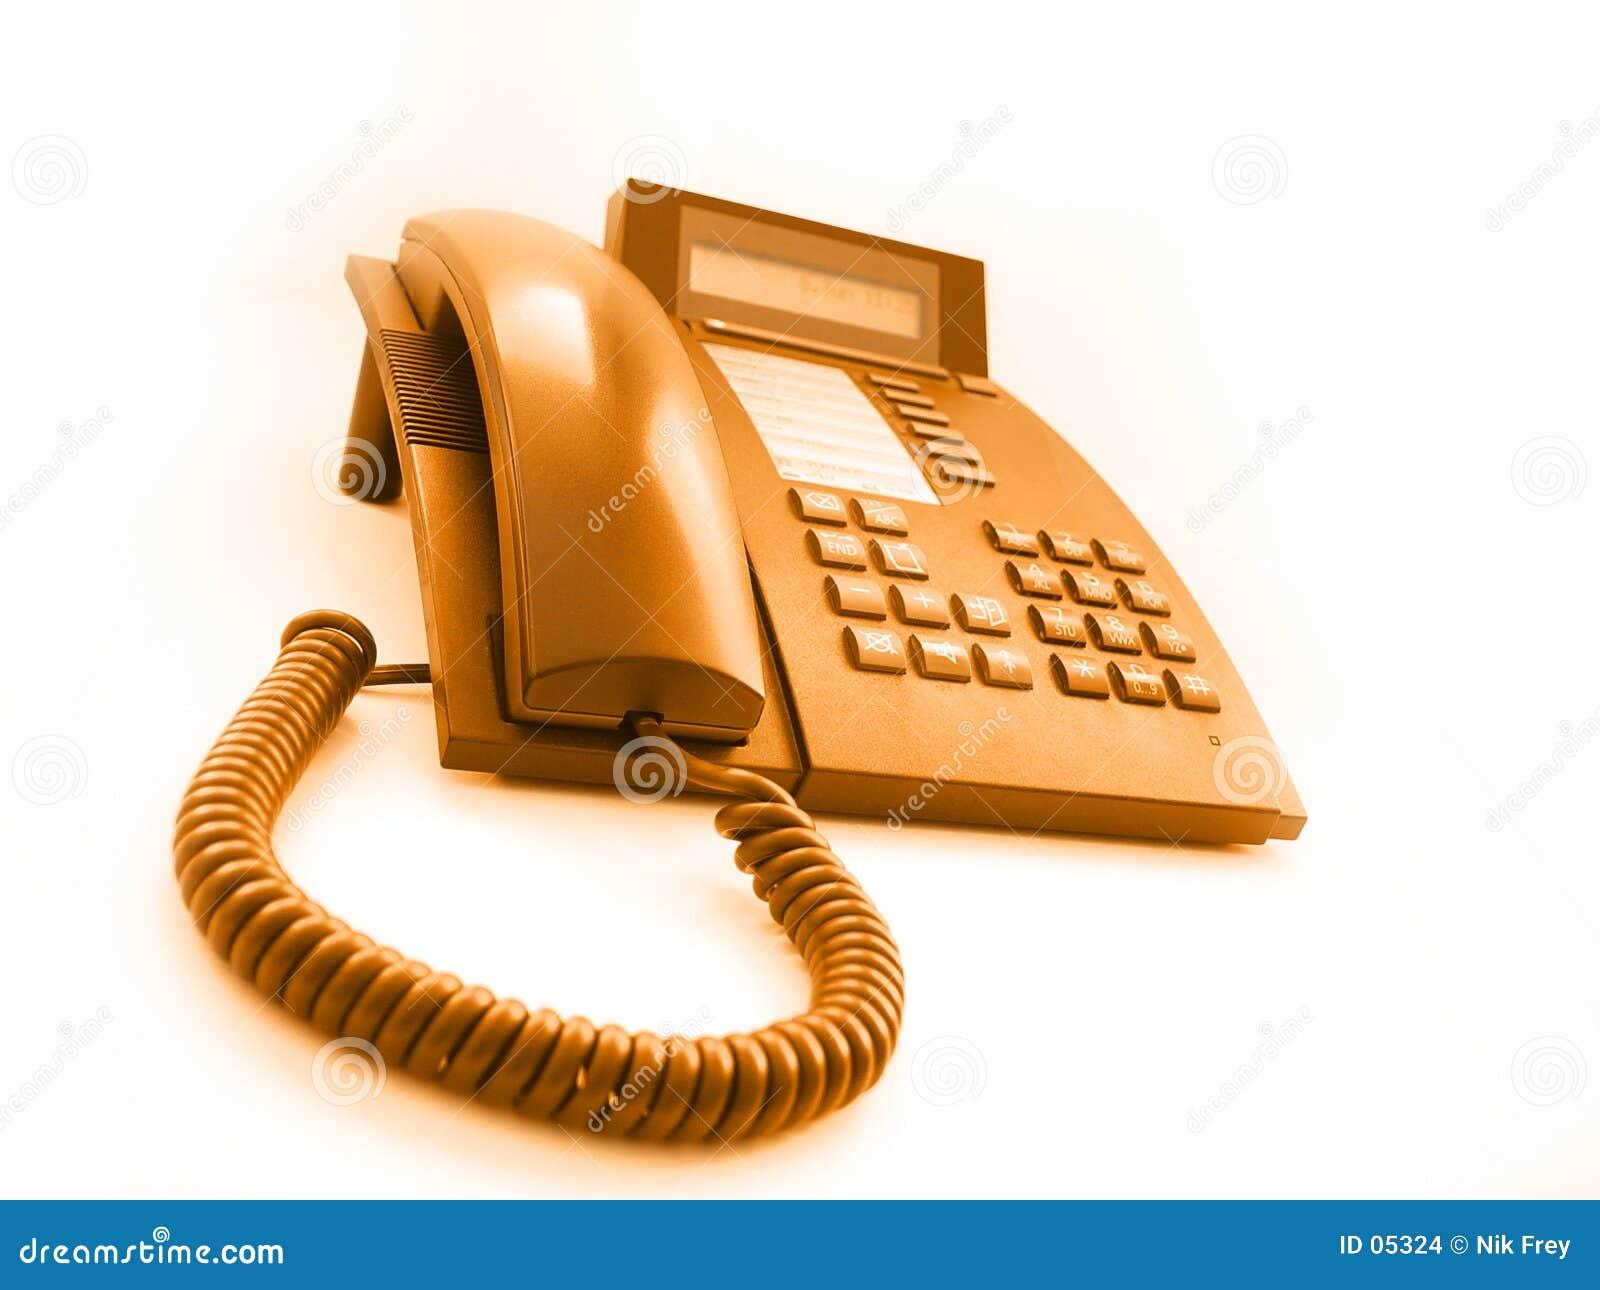 Telephone study 2